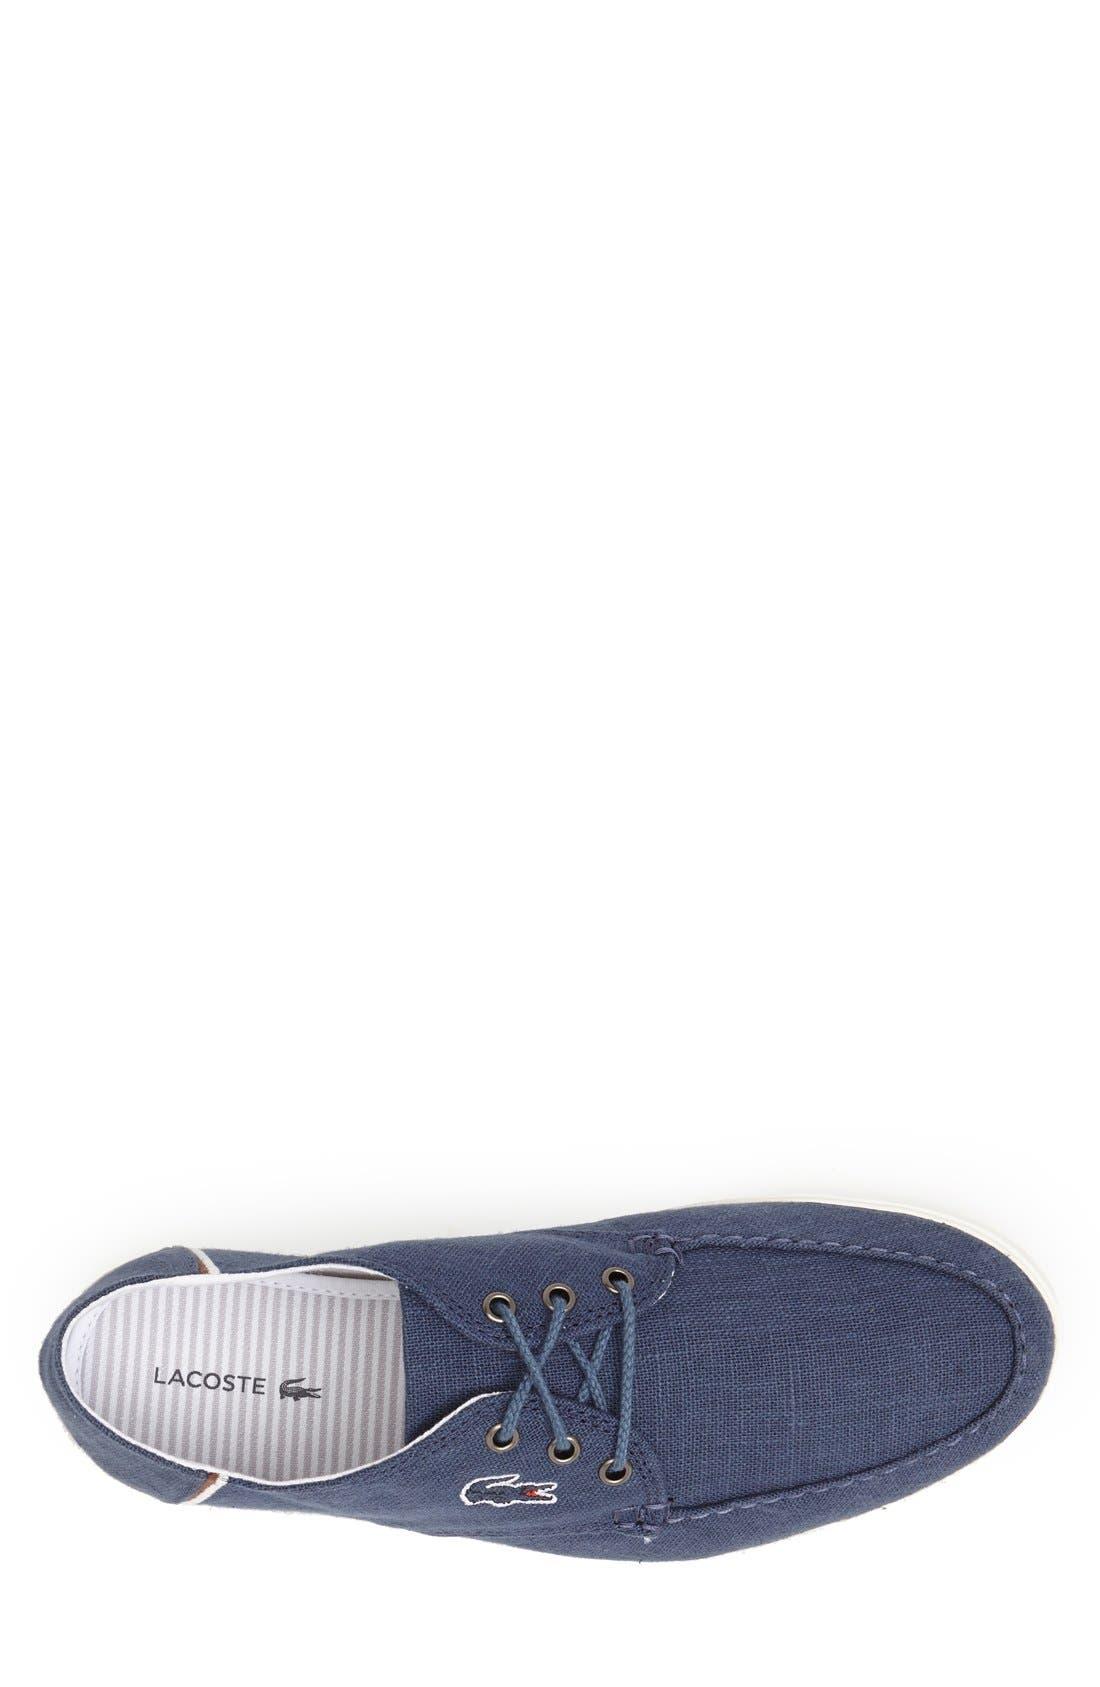 Alternate Image 3  - Lacoste 'Artiside 12' Sneaker (Men)